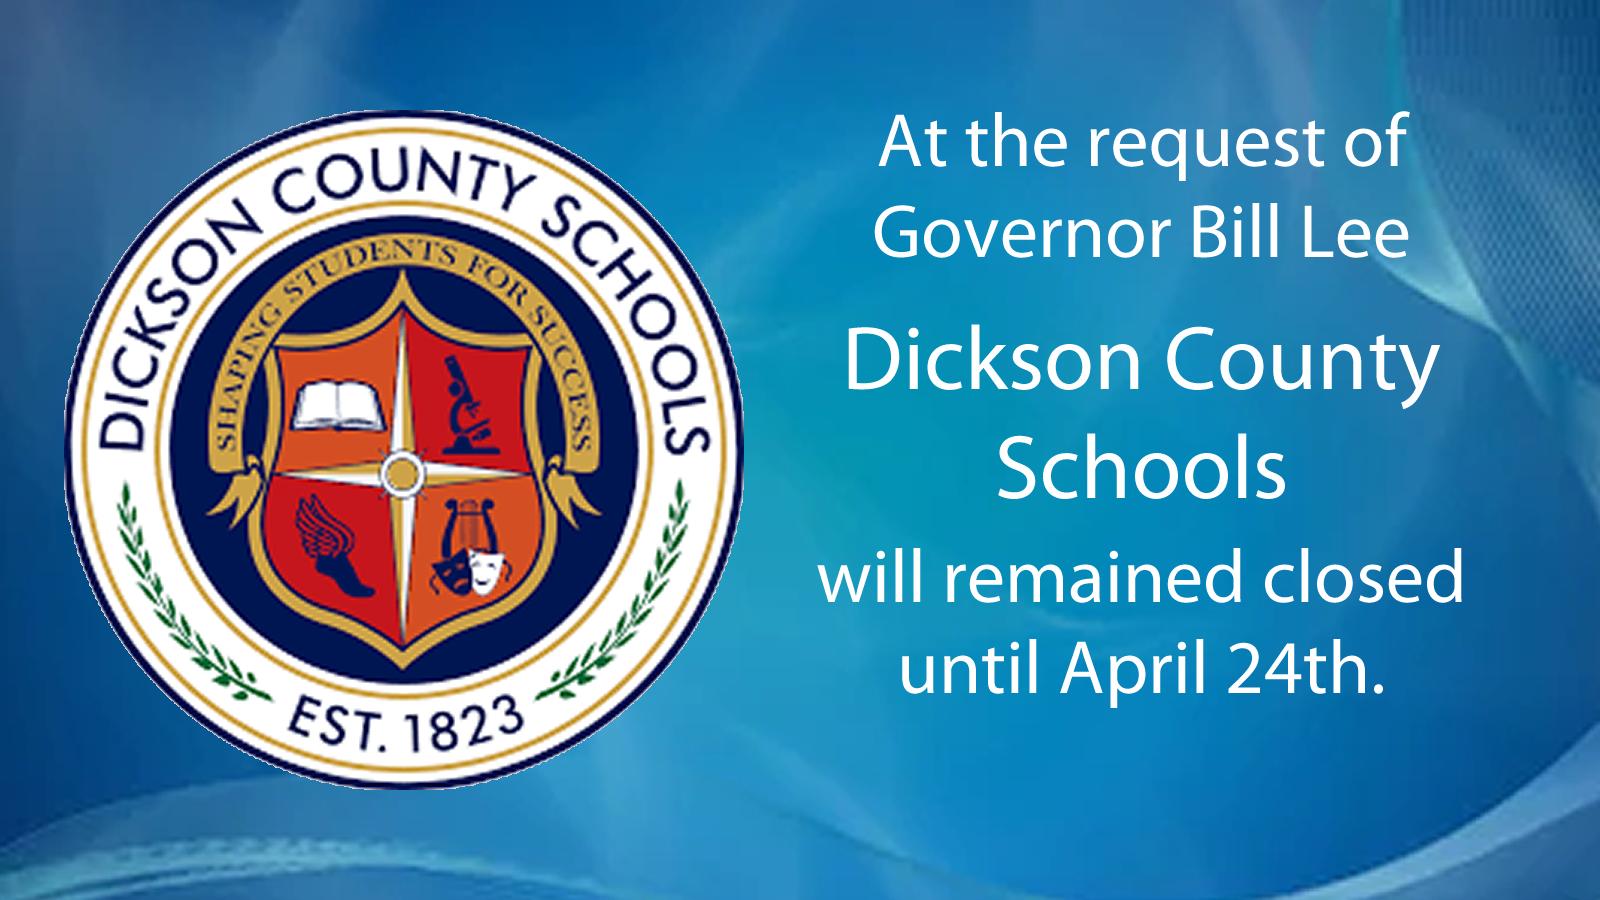 Schools closed until April 24th